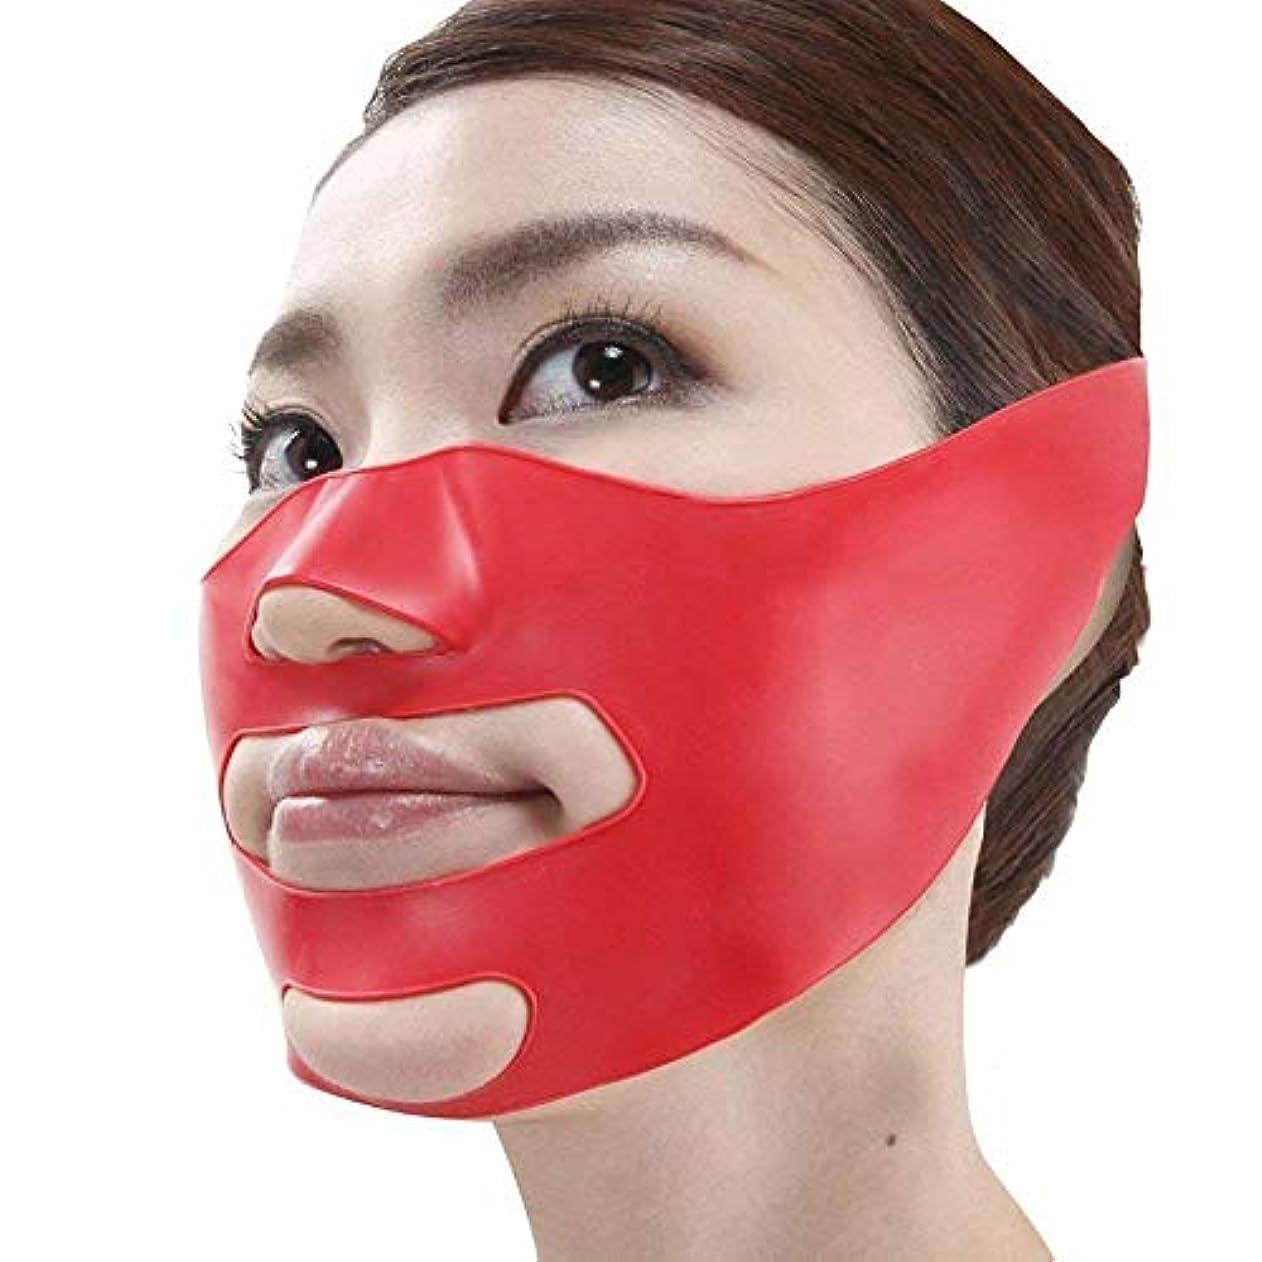 乳製品湿地リダクター小顔矯正 マスク 小顔補正ベルト ほうれい線 リフトスリムマスク 3Dエクササイズマスク 法令線予防 抗シワ サウナマスク 美容グッ (フリーサイズ)